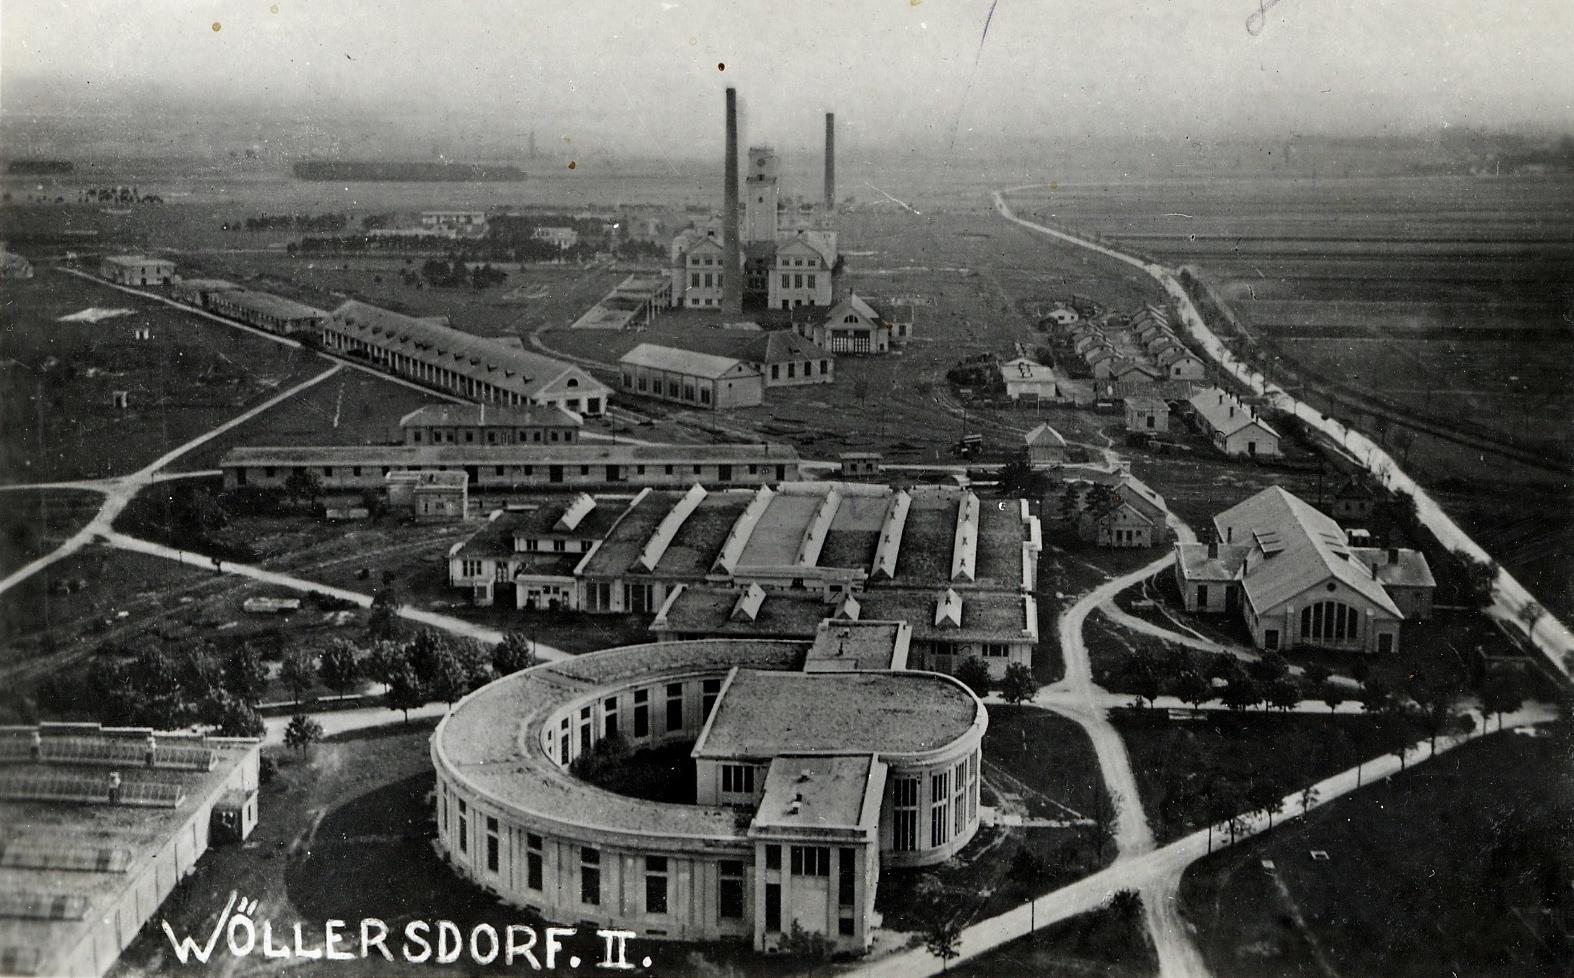 Musikverein Wllersdorf-Steinabrckl - About | Facebook